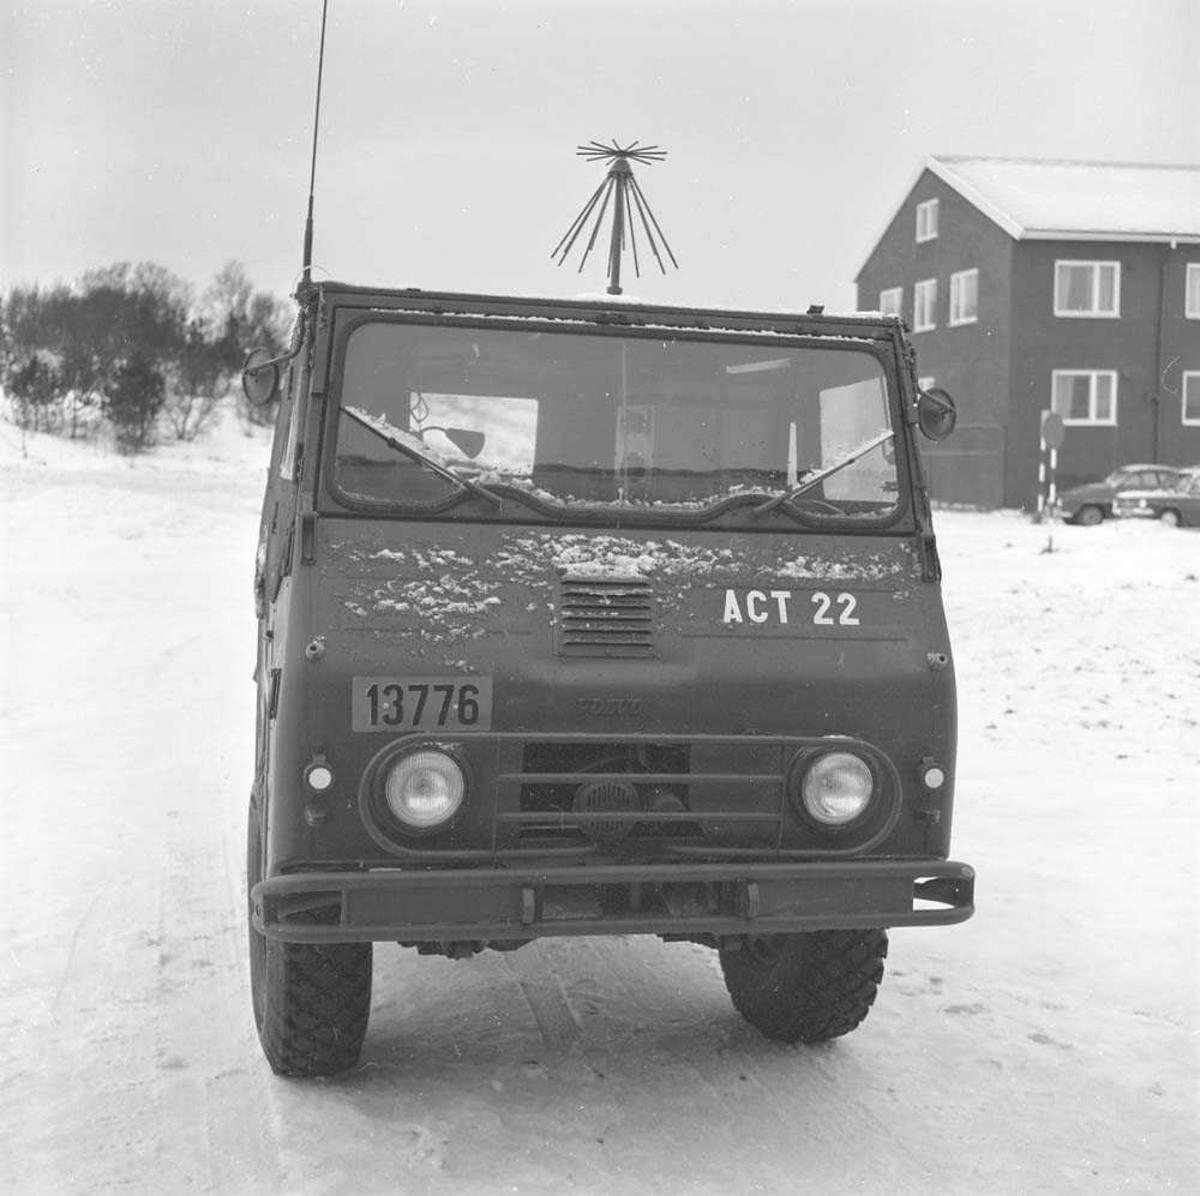 ACT-vogn - flykontroll-vogn på Bodø flystasjon.